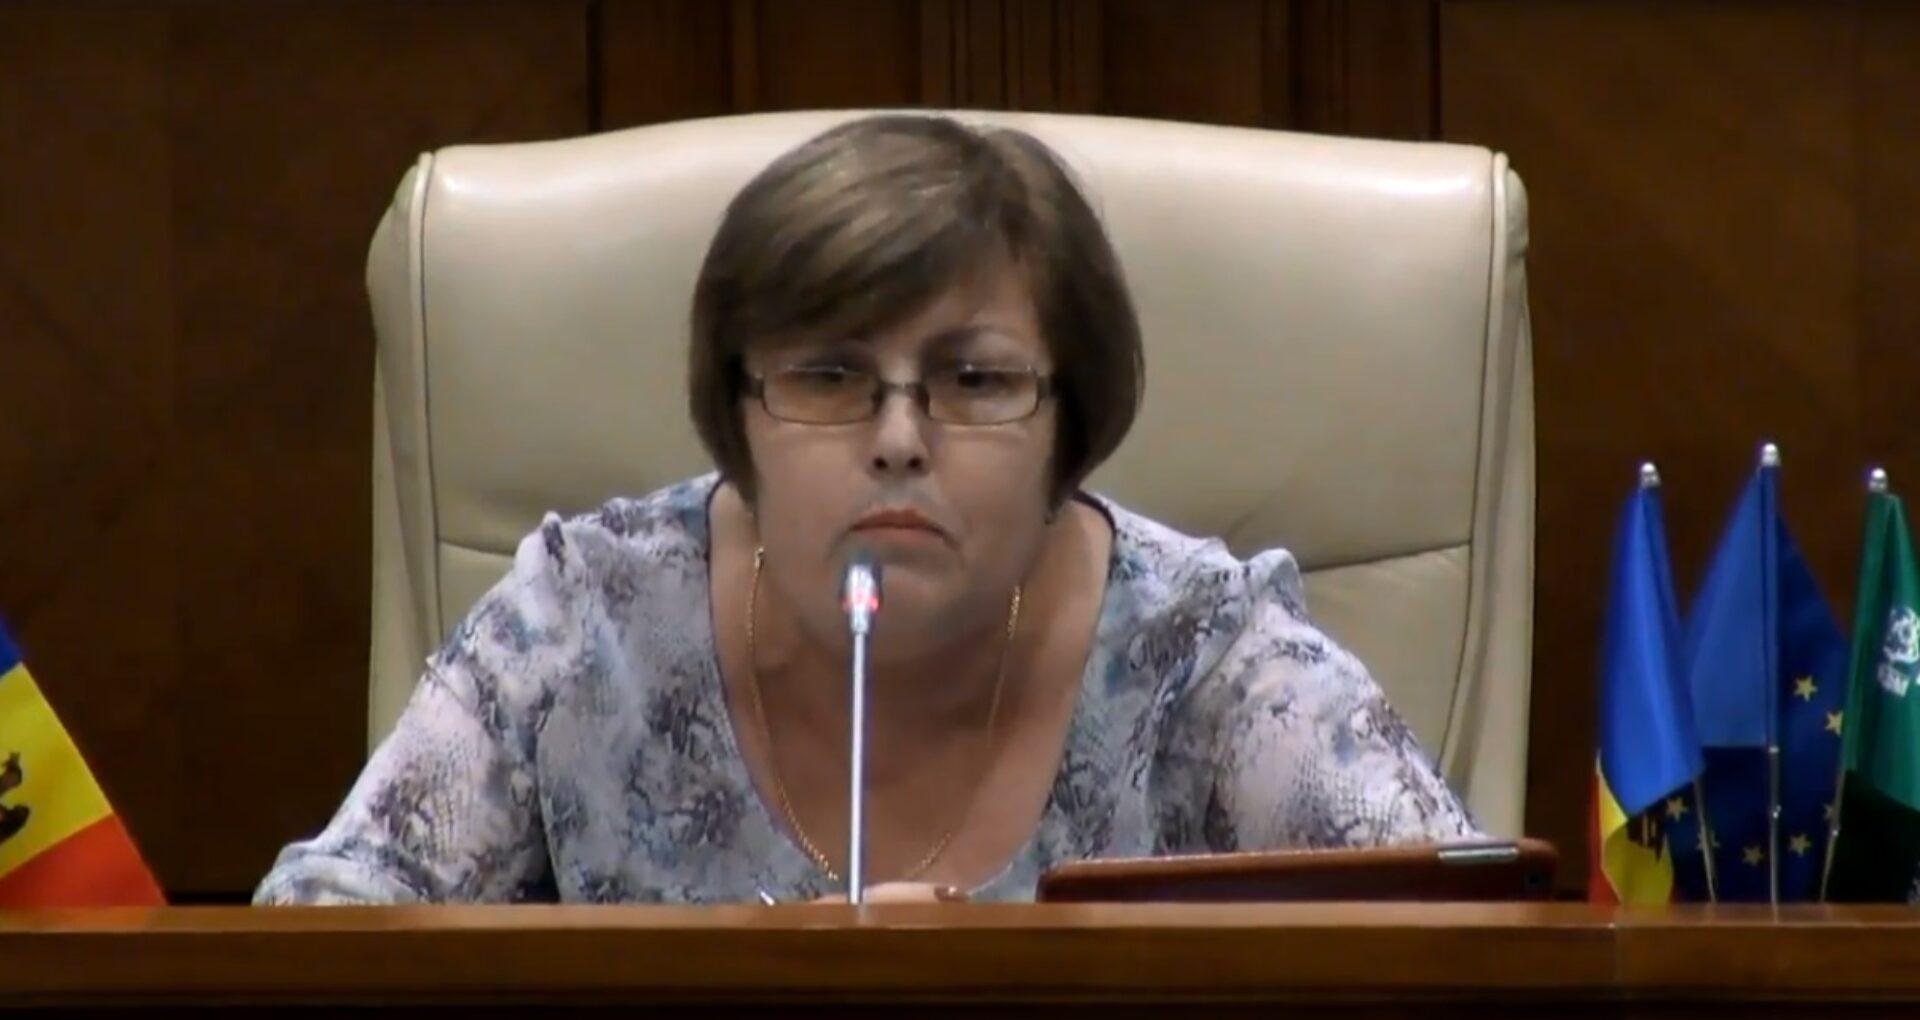 """Deputații, nemulțumiți de Stindardul președintelui Parlamentului: """"E rușinos să veniți cu așa proiect"""""""